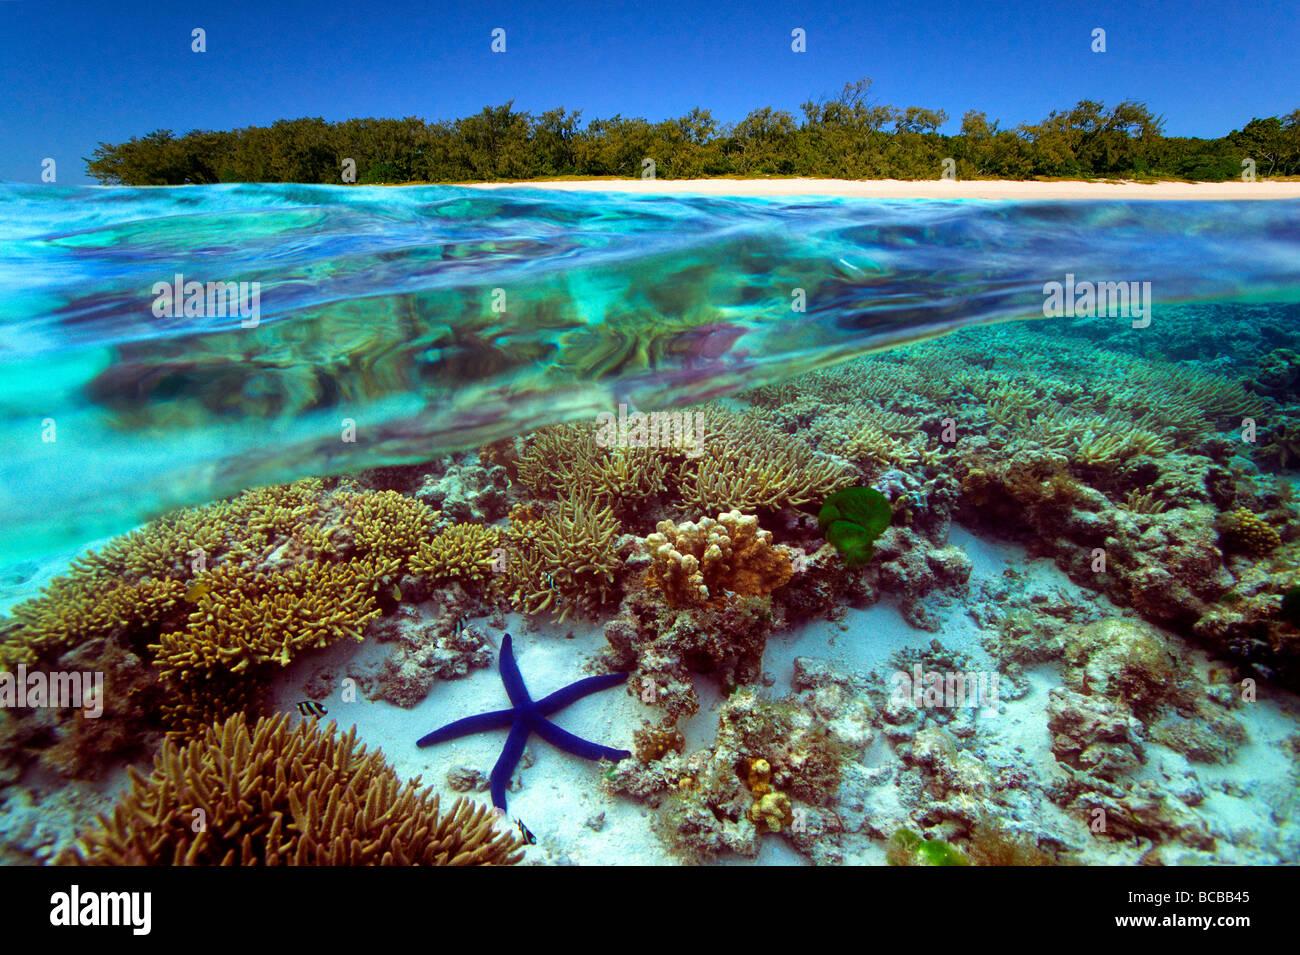 Vista submarina de la Gran Barrera de Coral de Australia Foto de stock